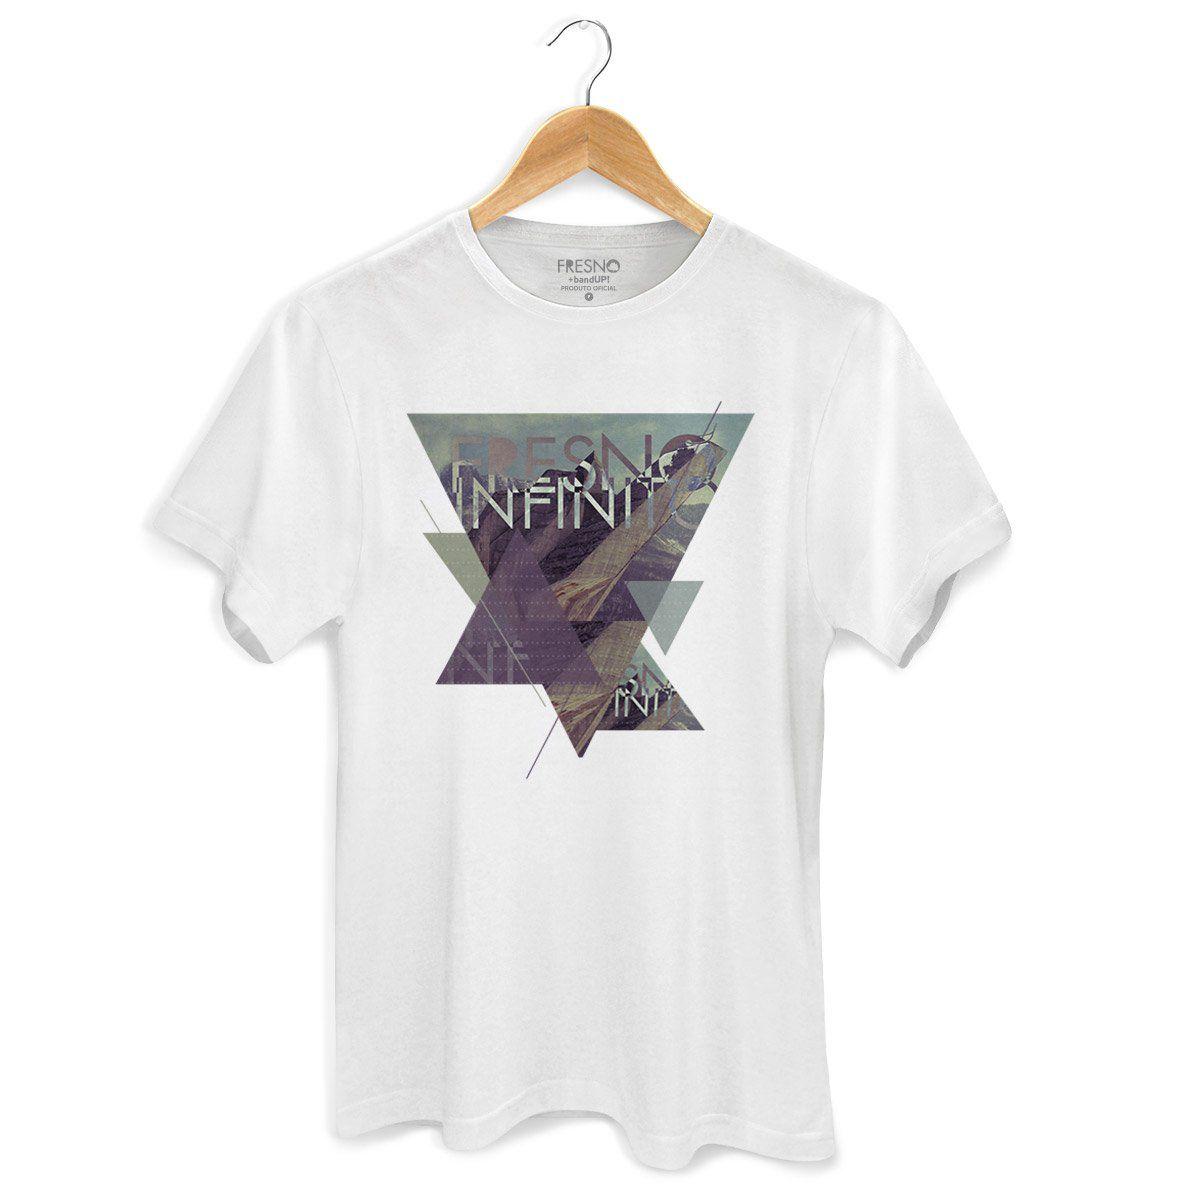 Camiseta Masculina Fresno - Capa Infinito